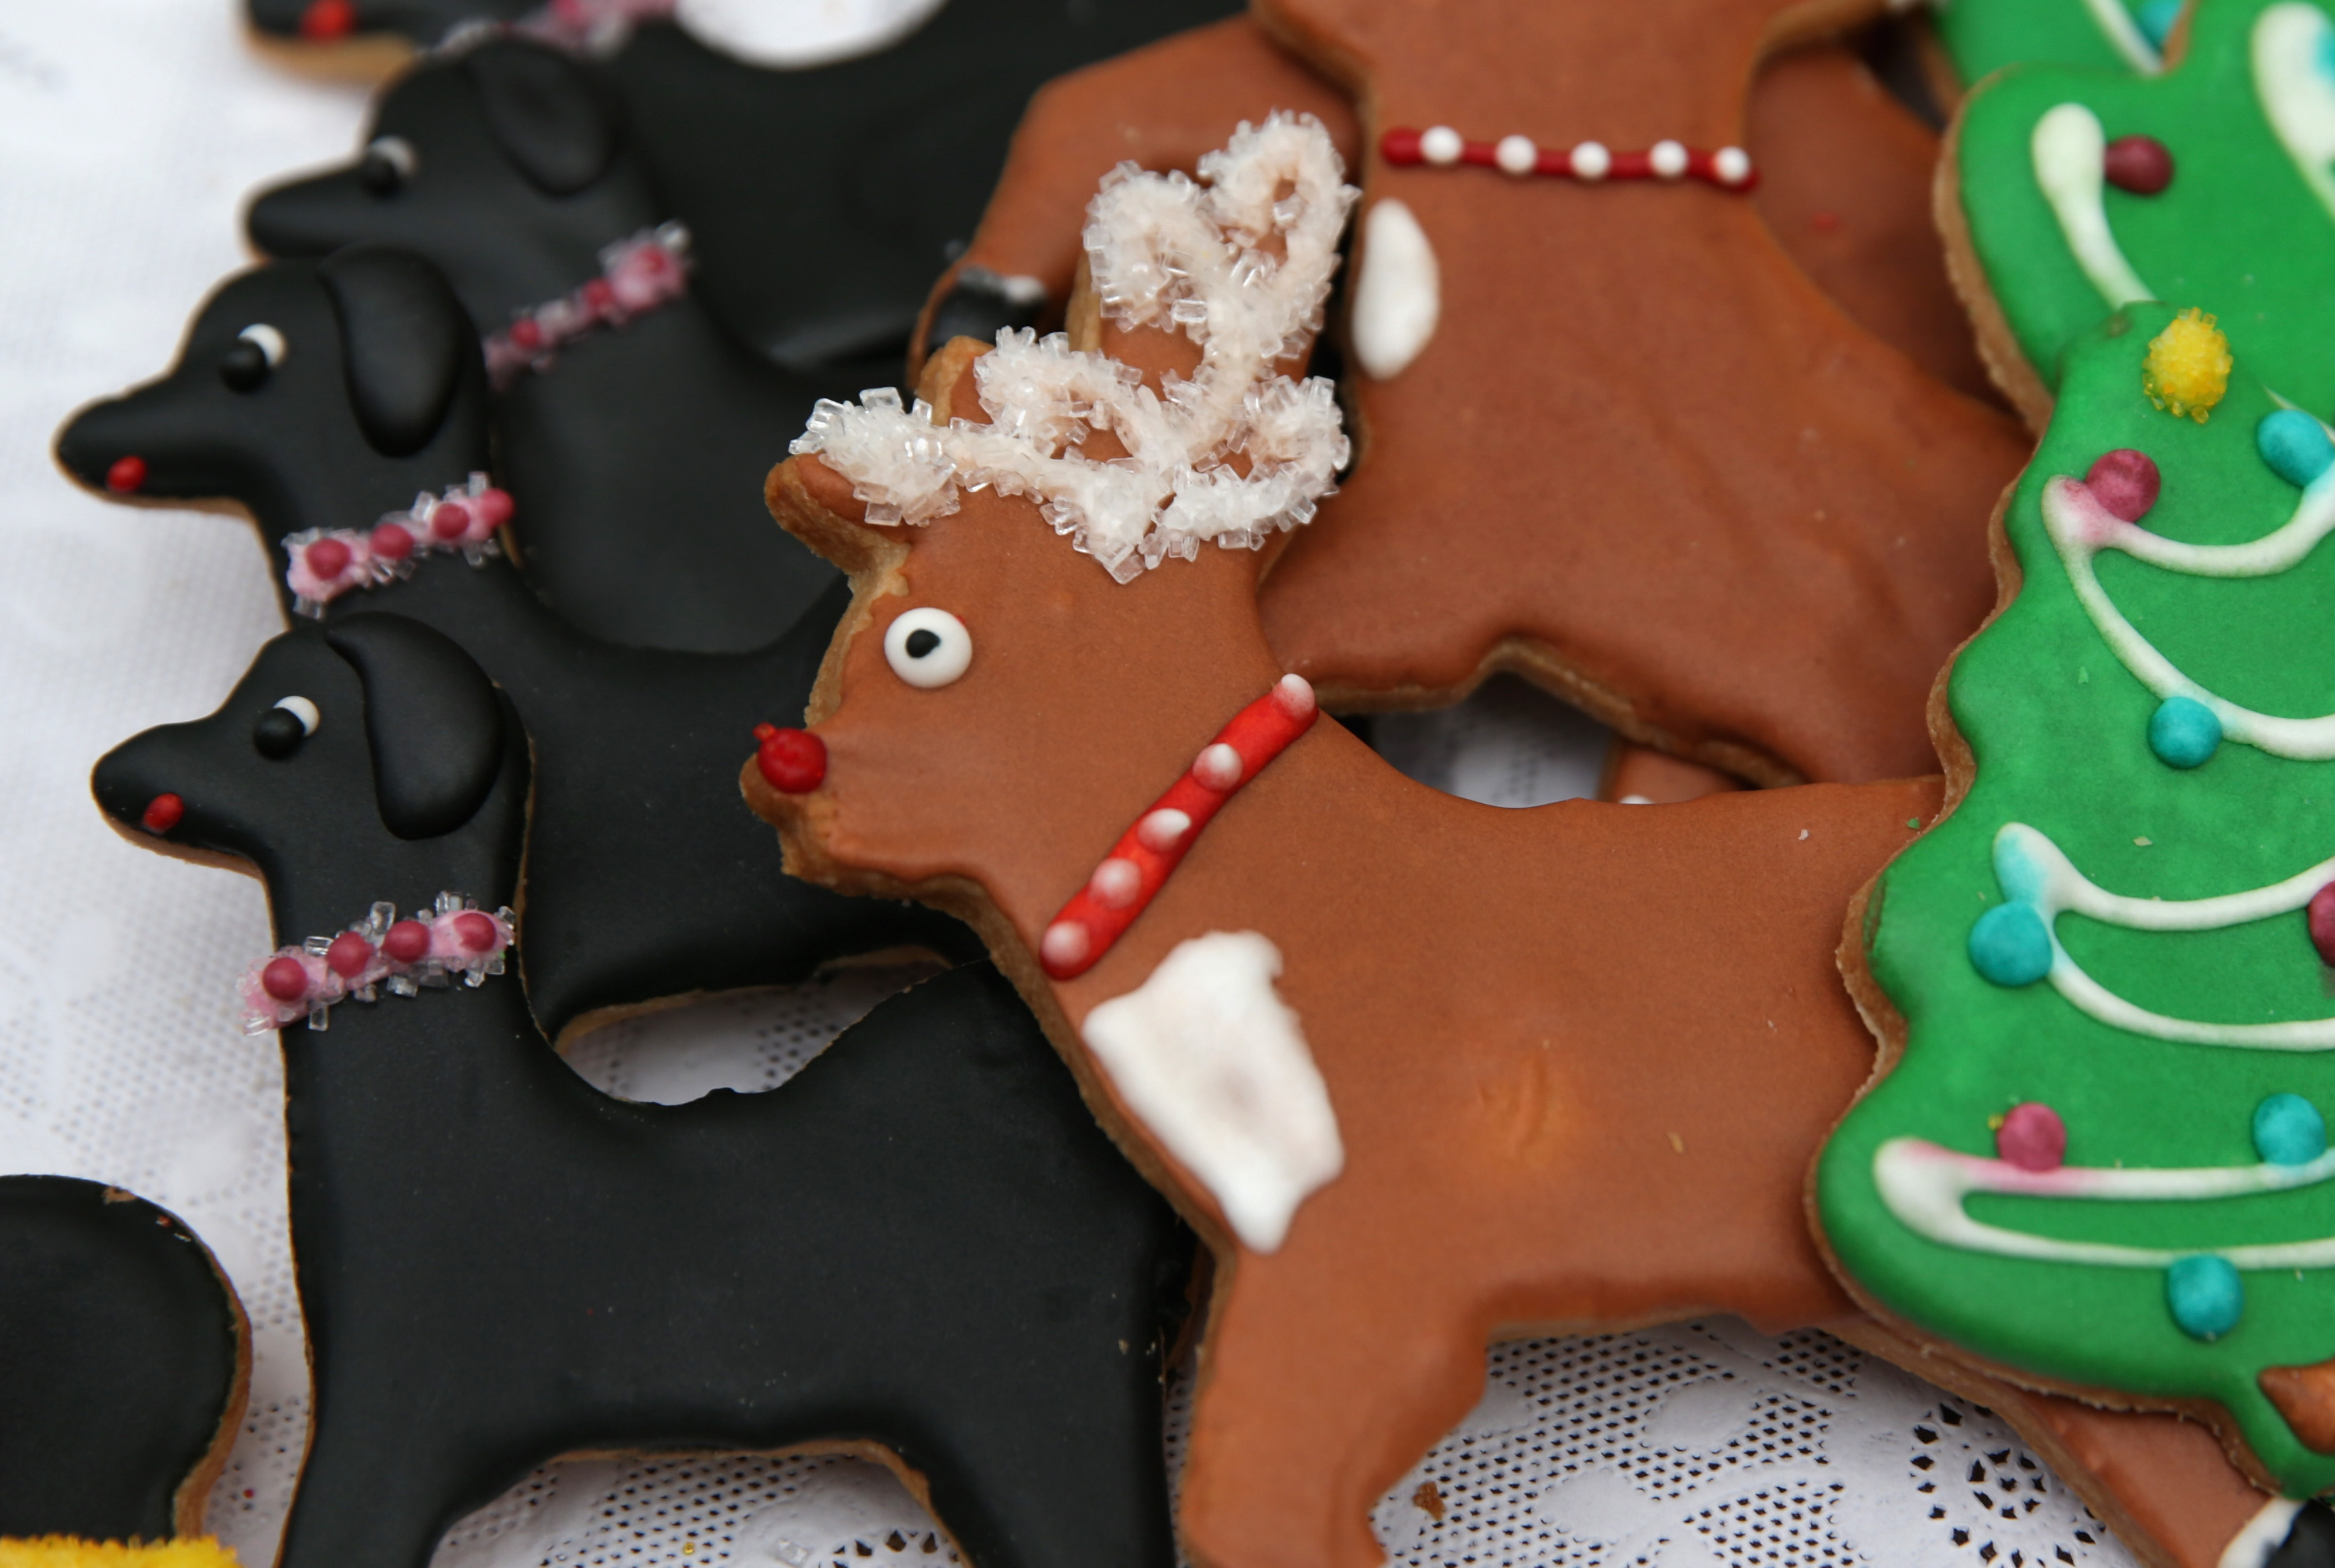 Denver Bakery Heatmap The Best Holiday Baked Goods Eater Denver